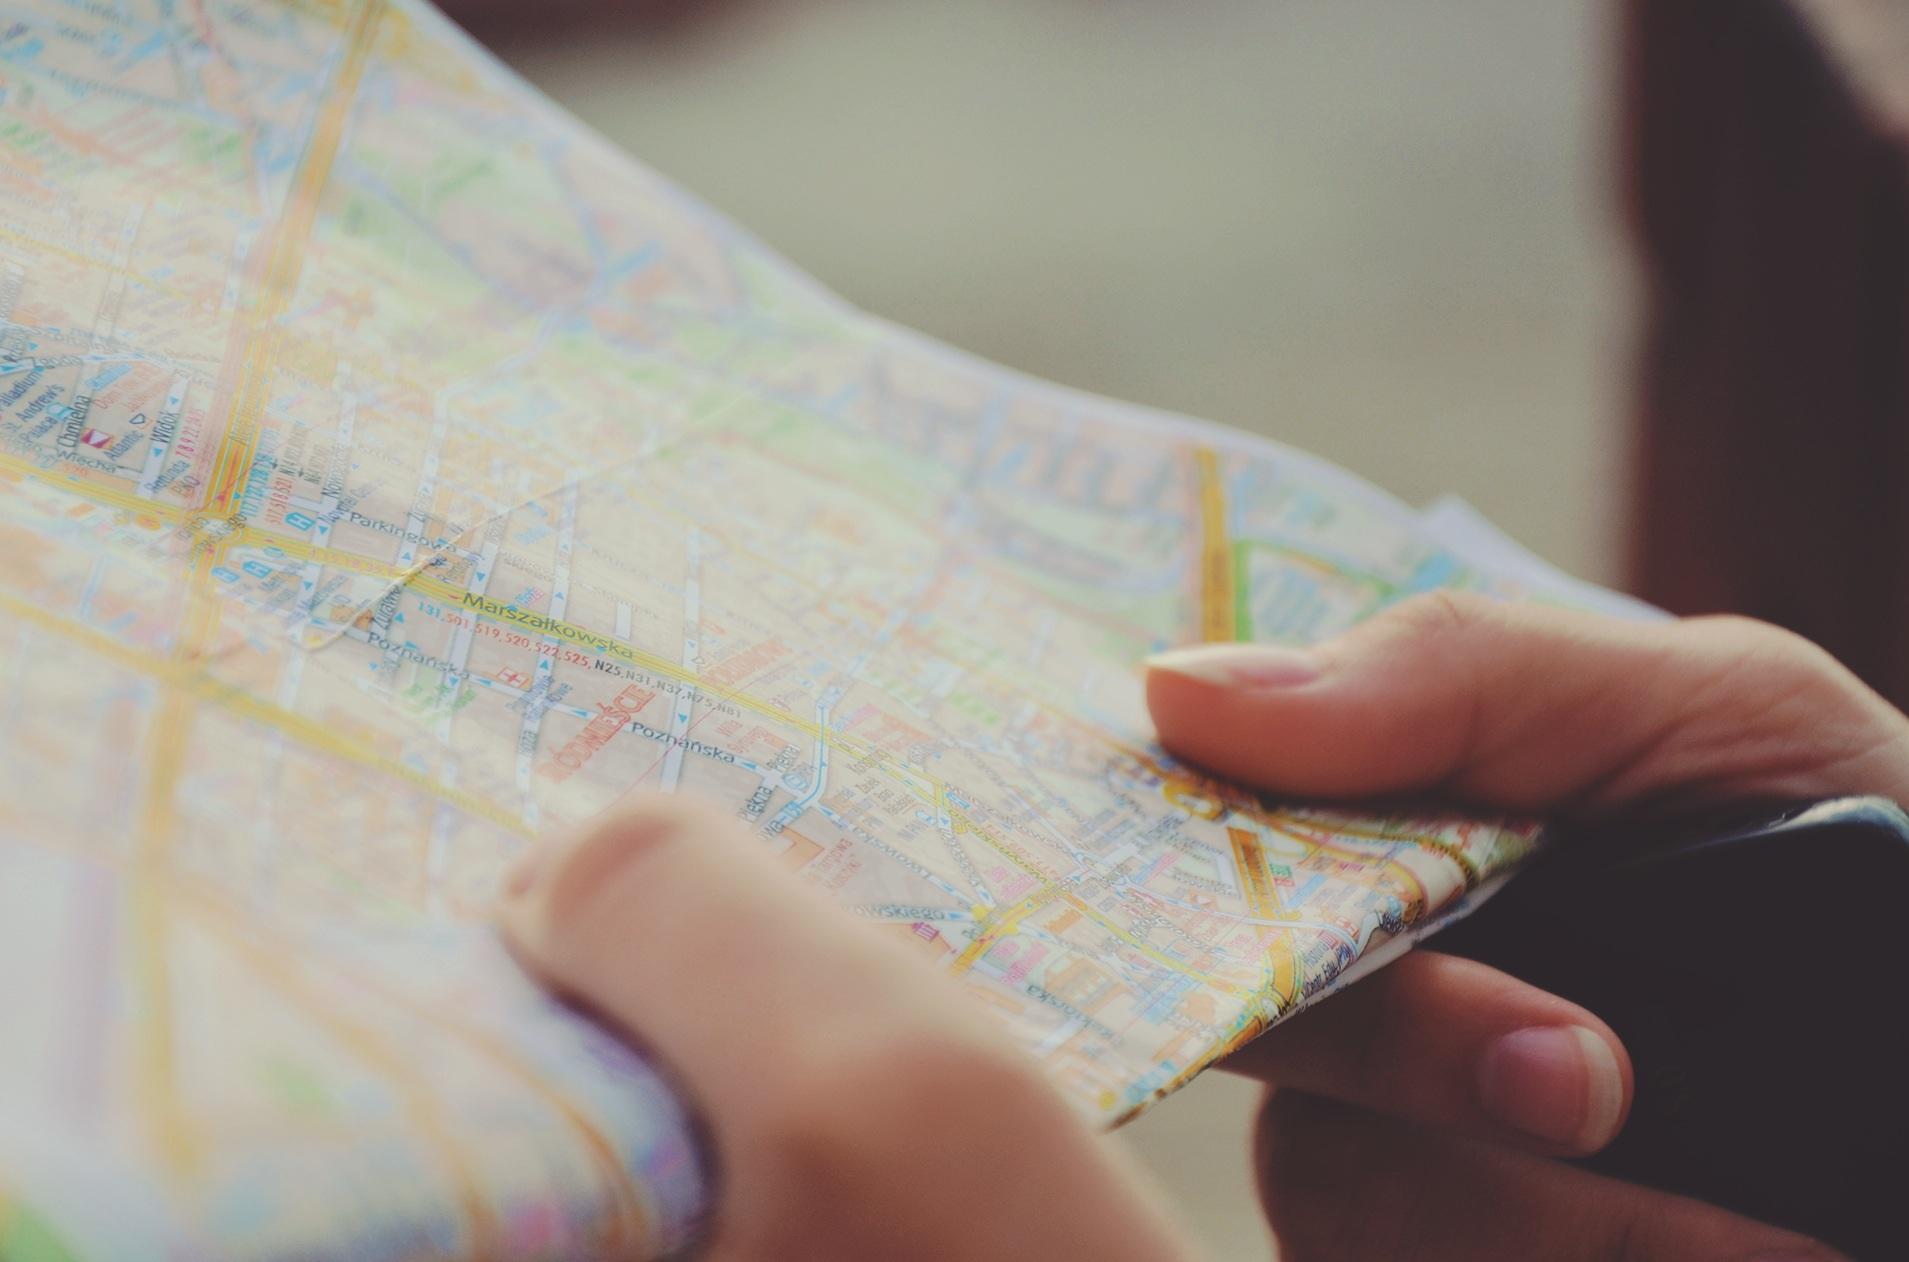 Dê preferência a mapas - Mochilão na América do Sul